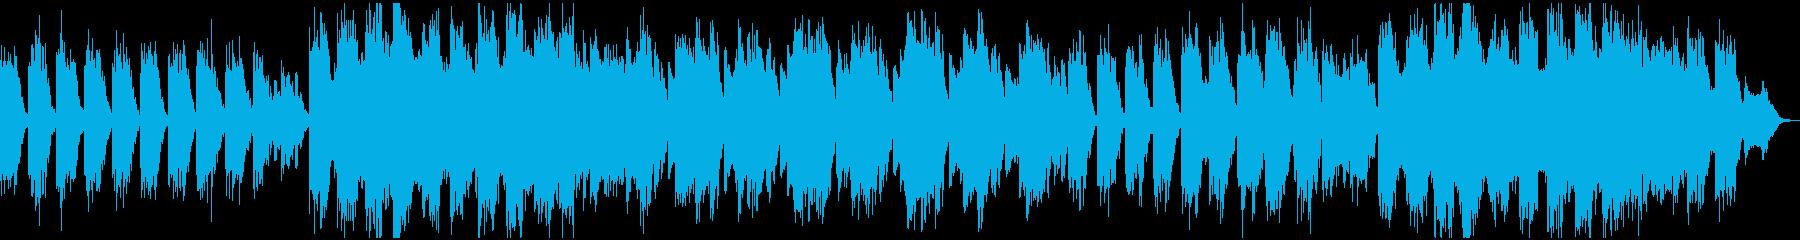 深いリラクゼーションの美しい音楽の再生済みの波形